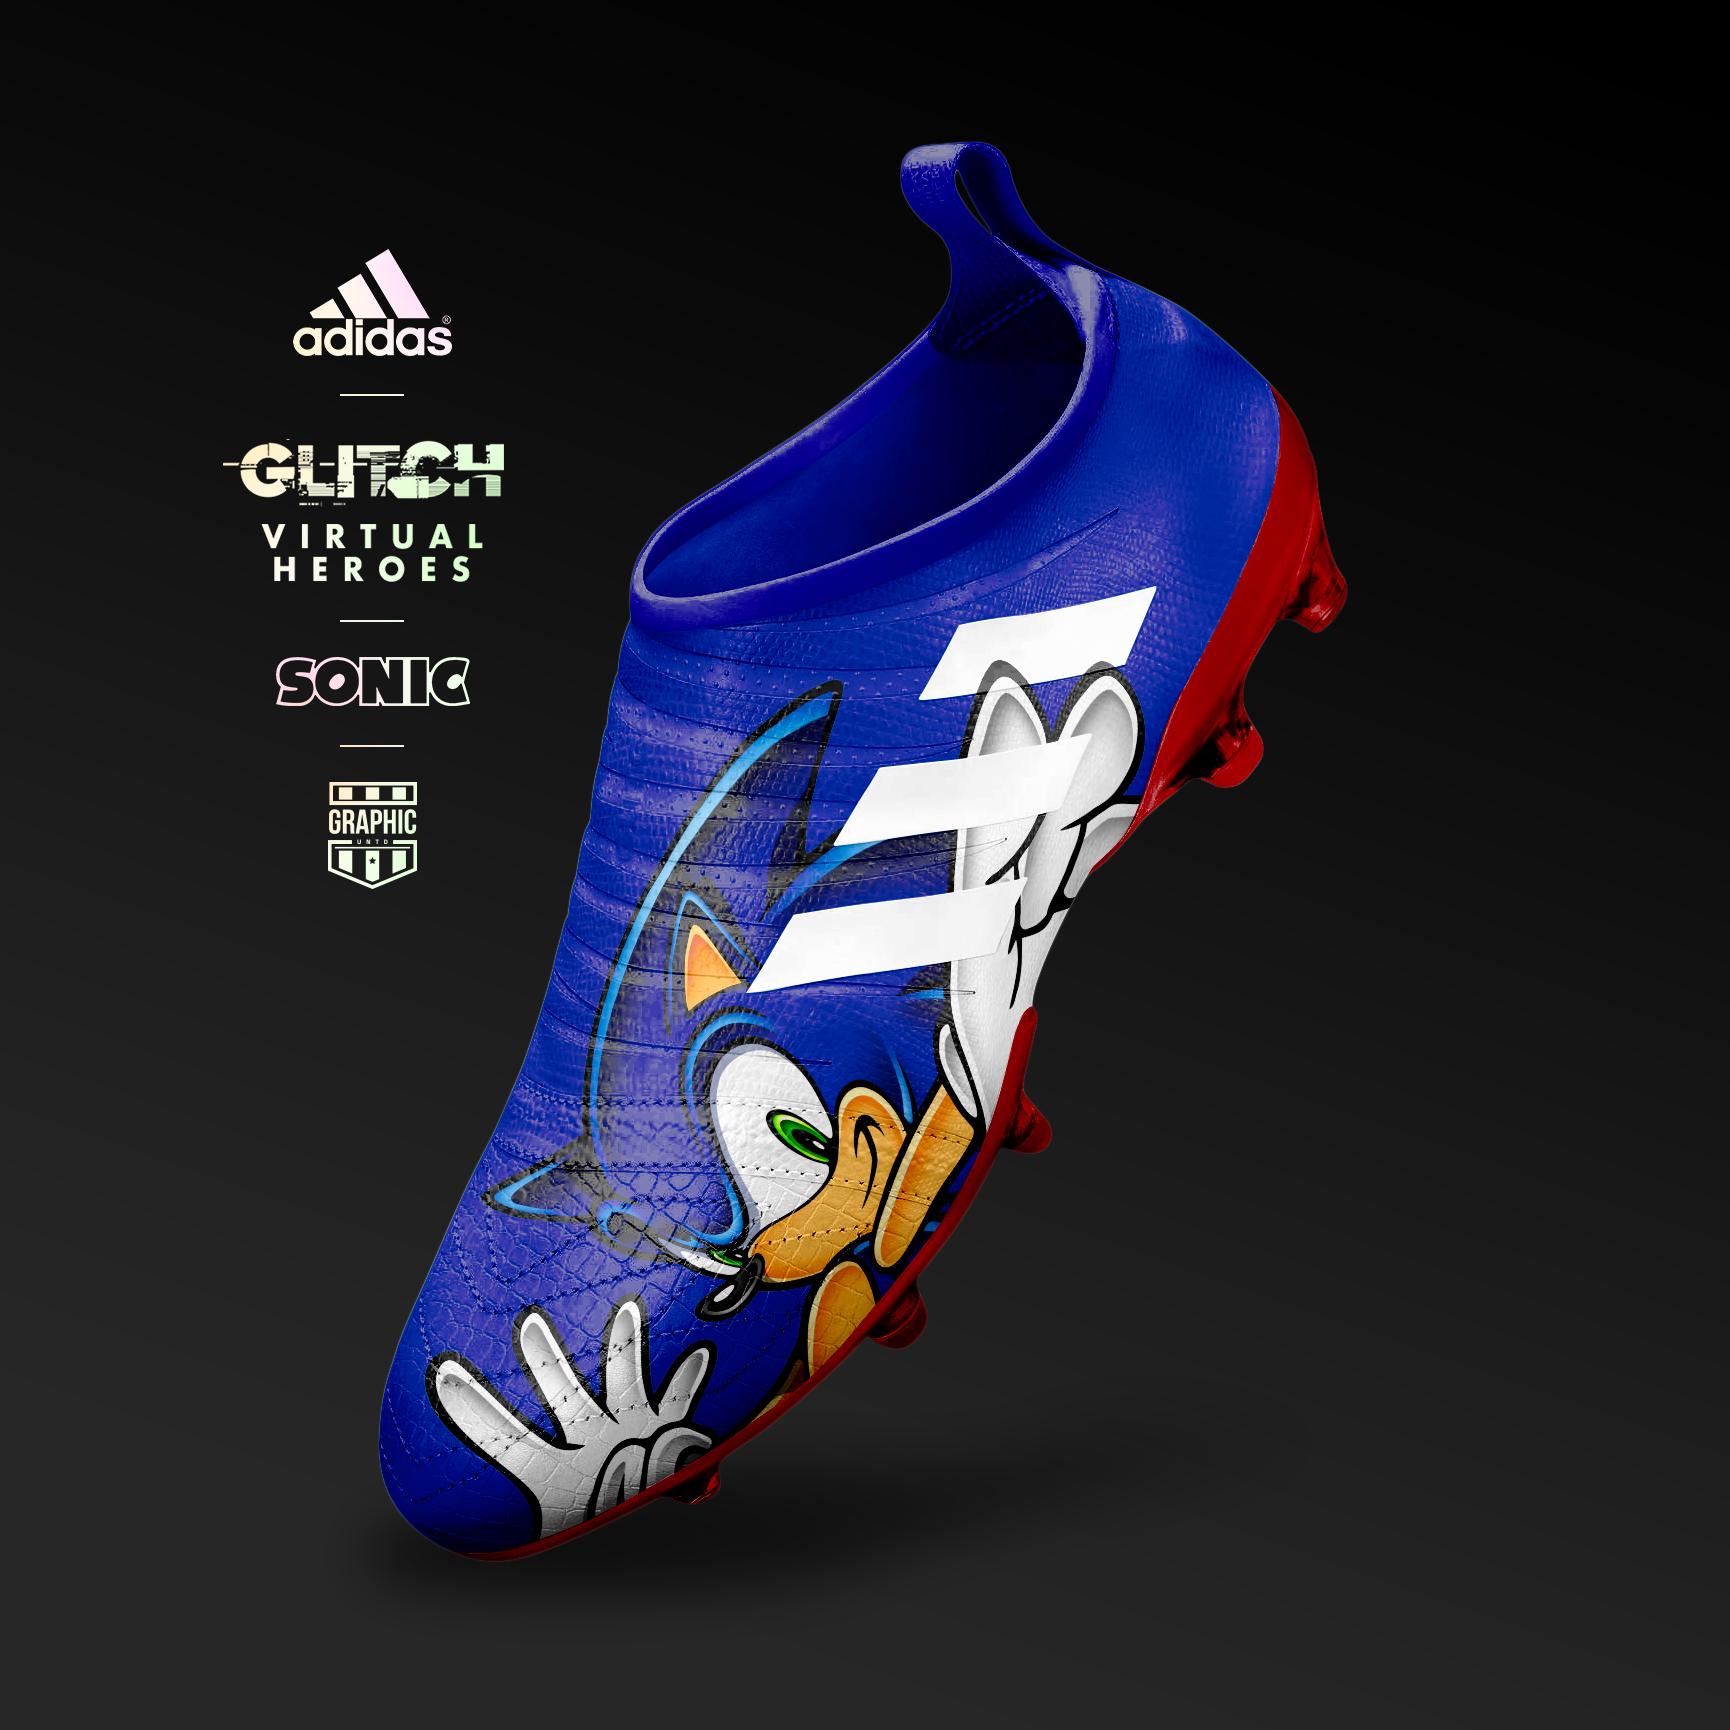 AdidasGlitch_Sonic